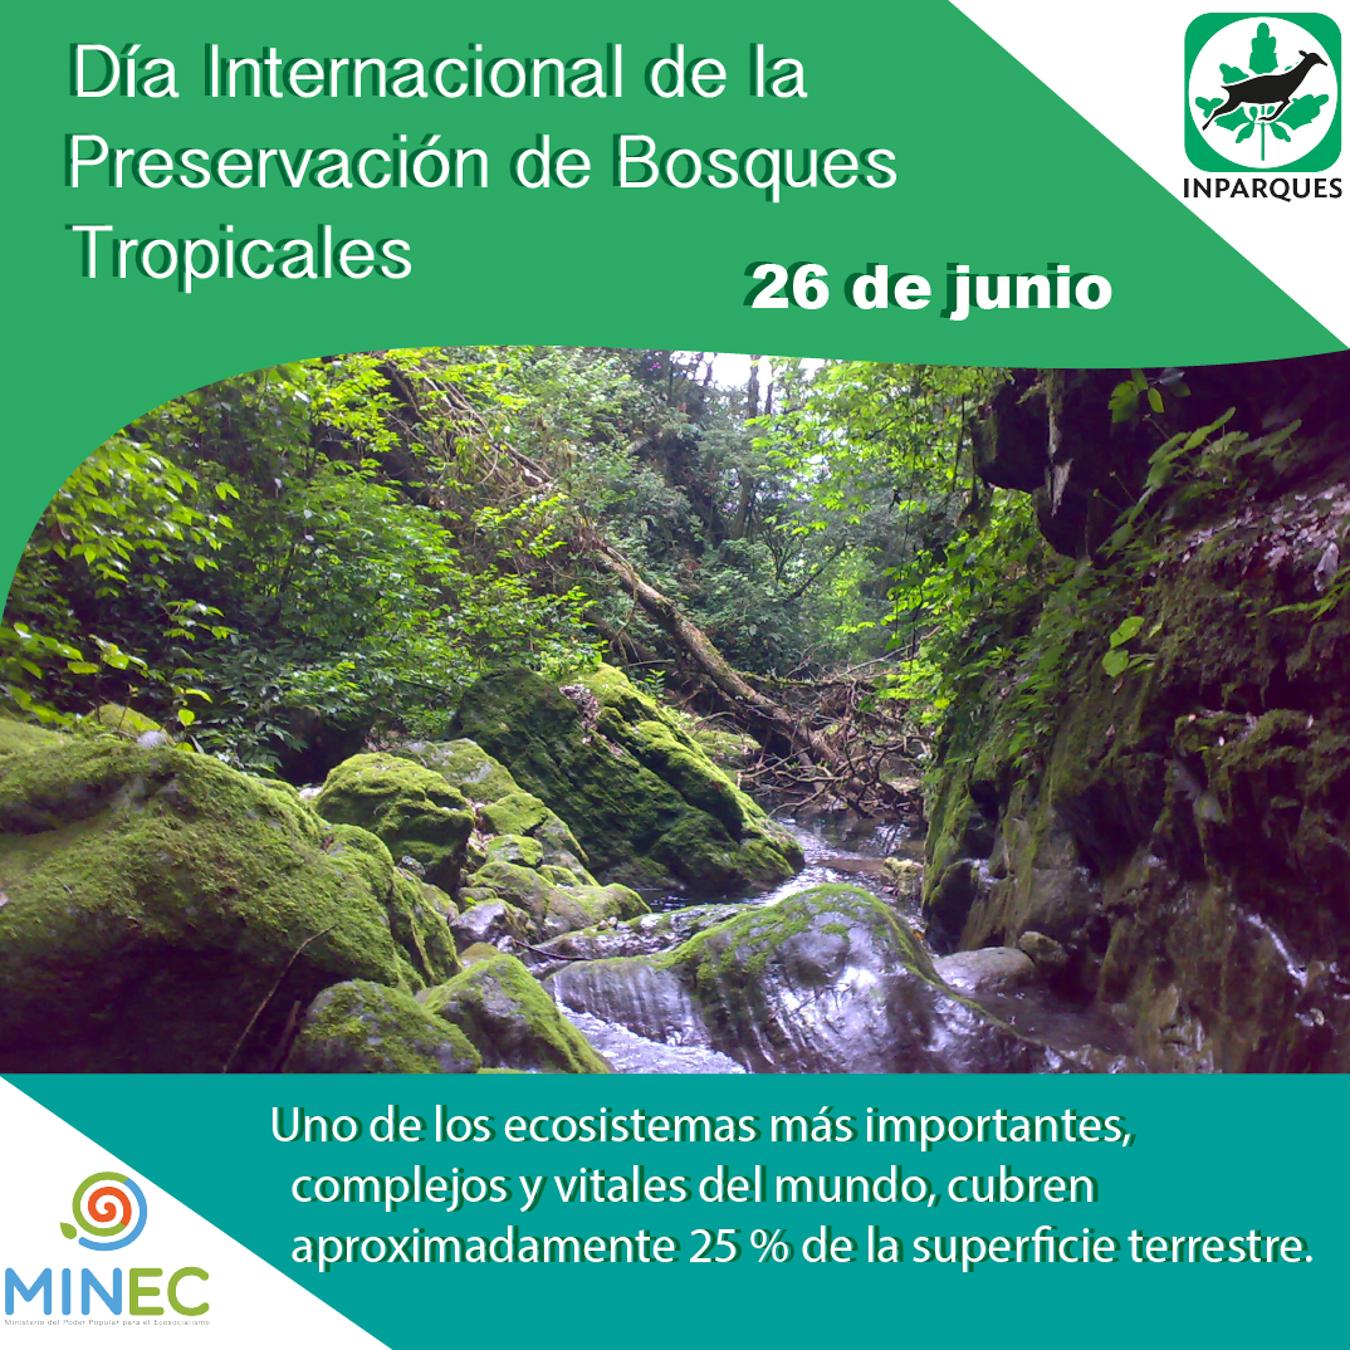 El 26 de junio de cada año está dedicado a los bosques tropicales